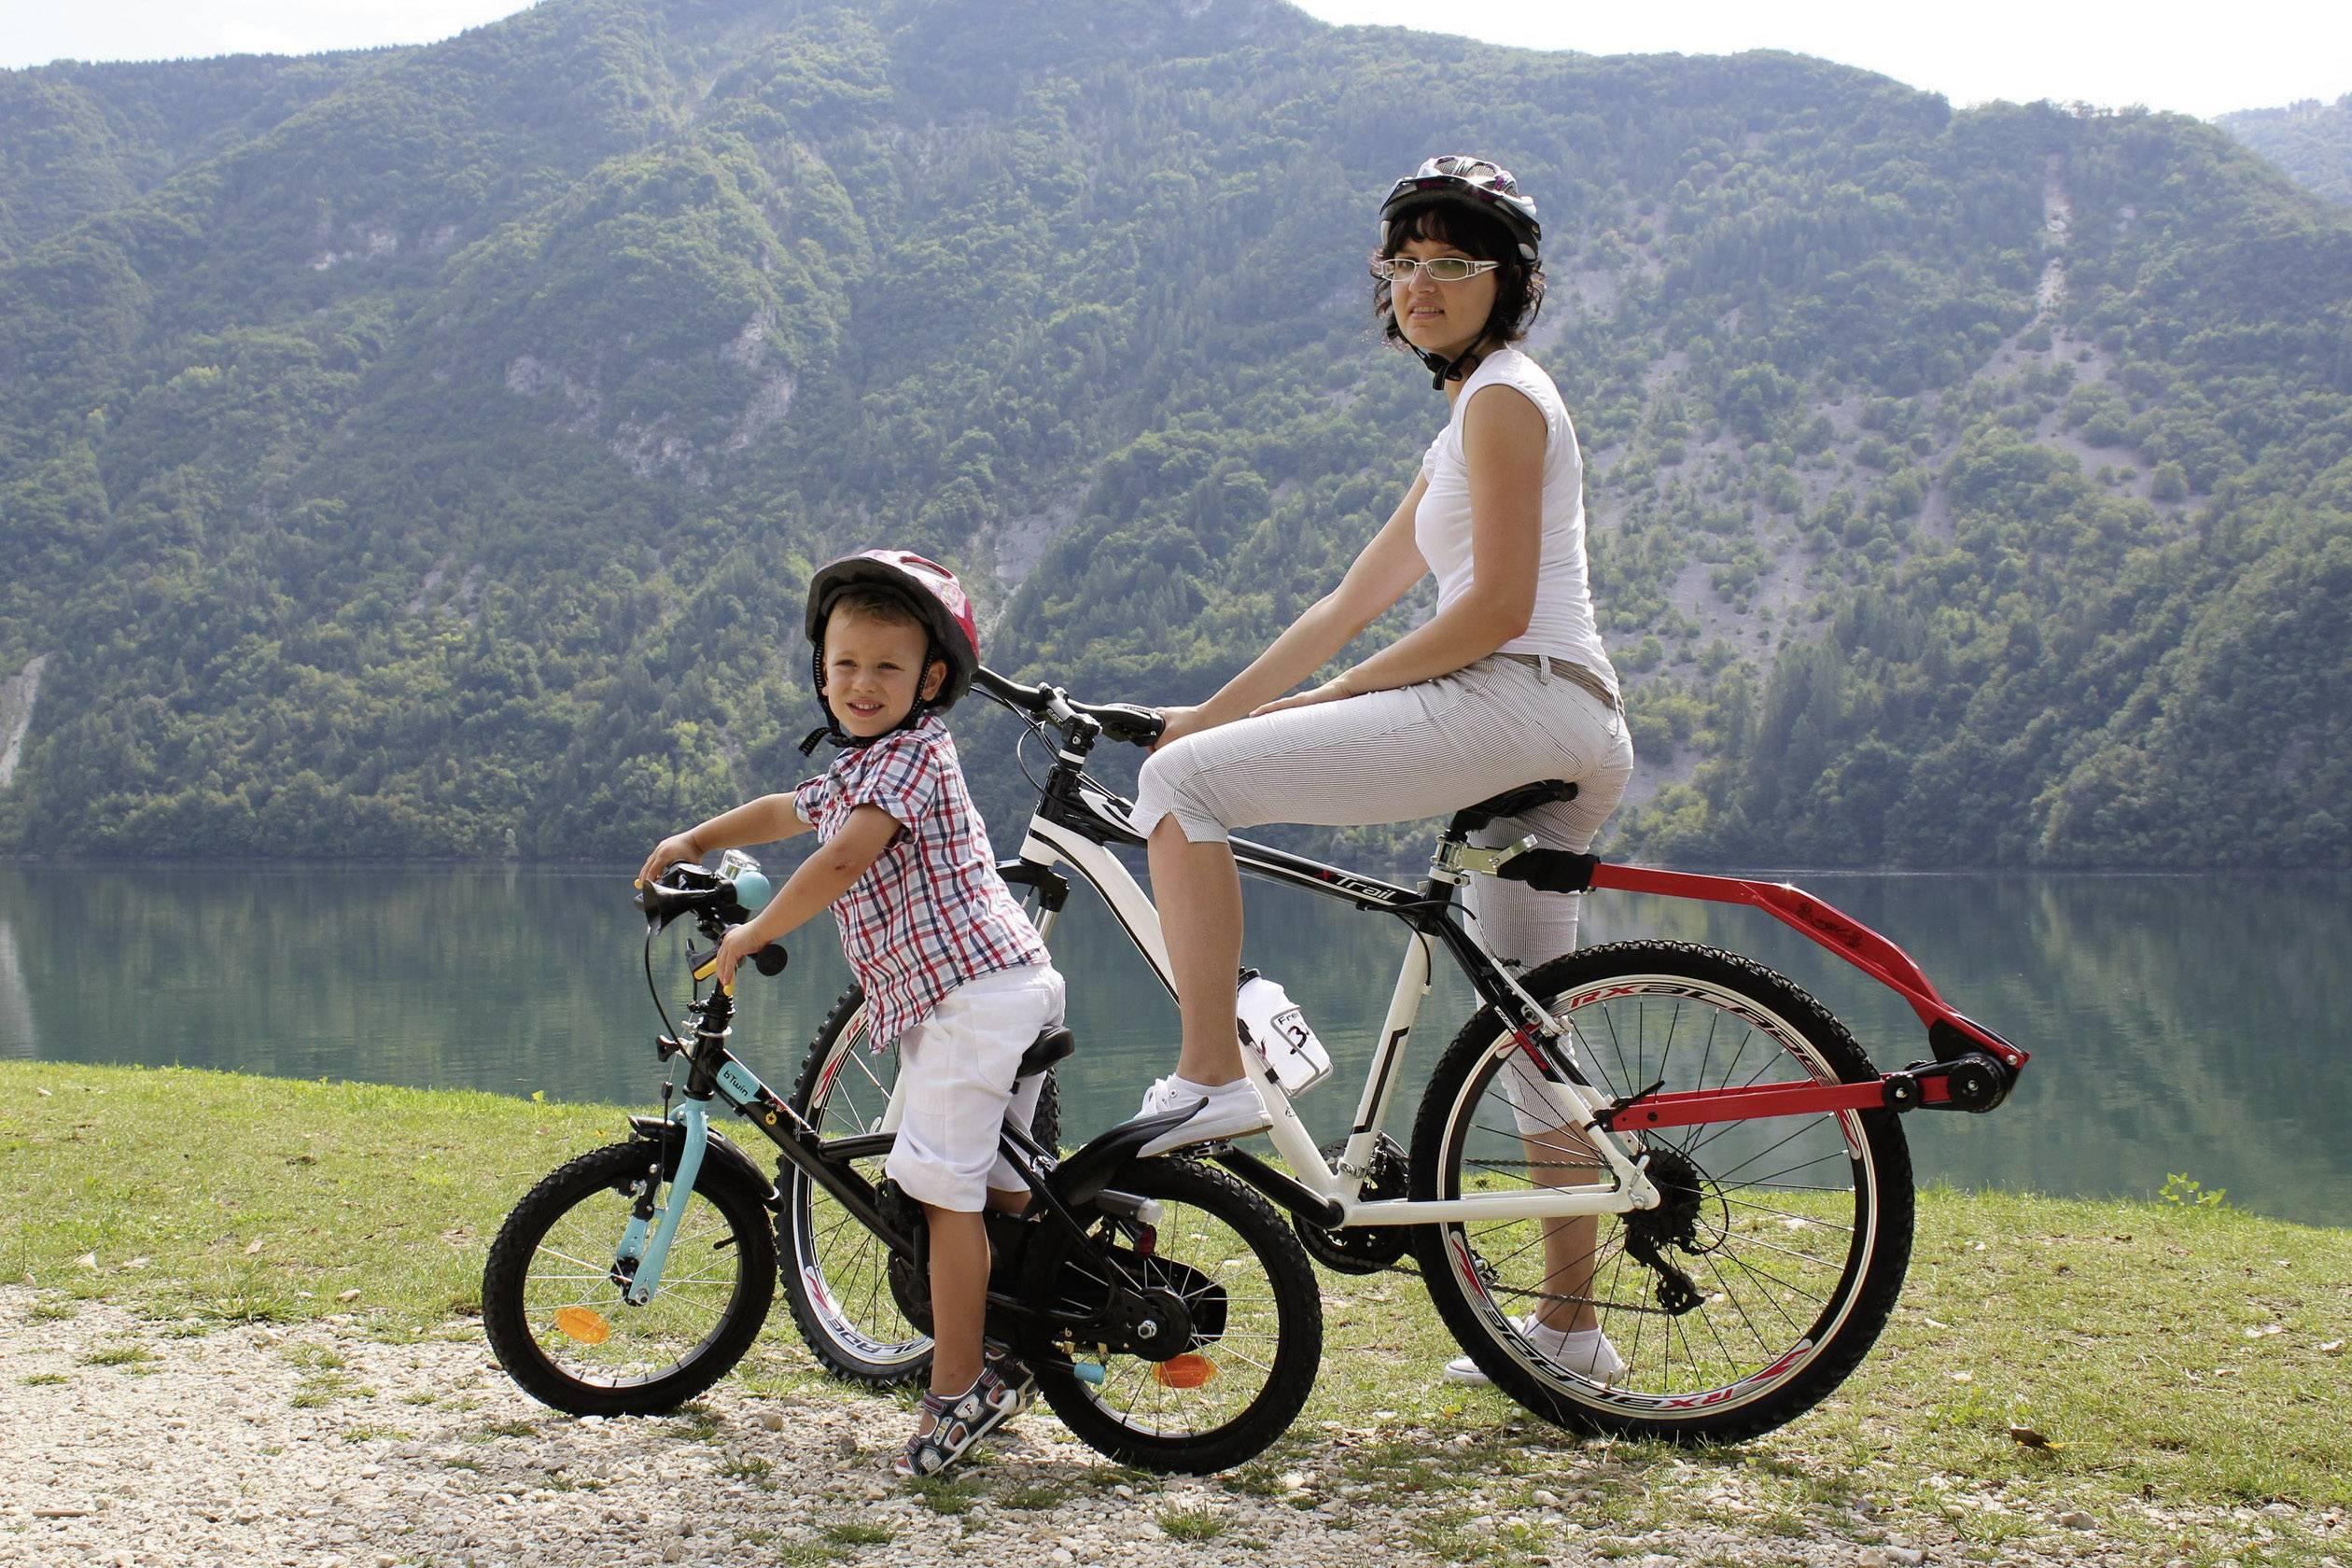 Trail Angel Fahrrad Tandemstange Rot, Schwarz